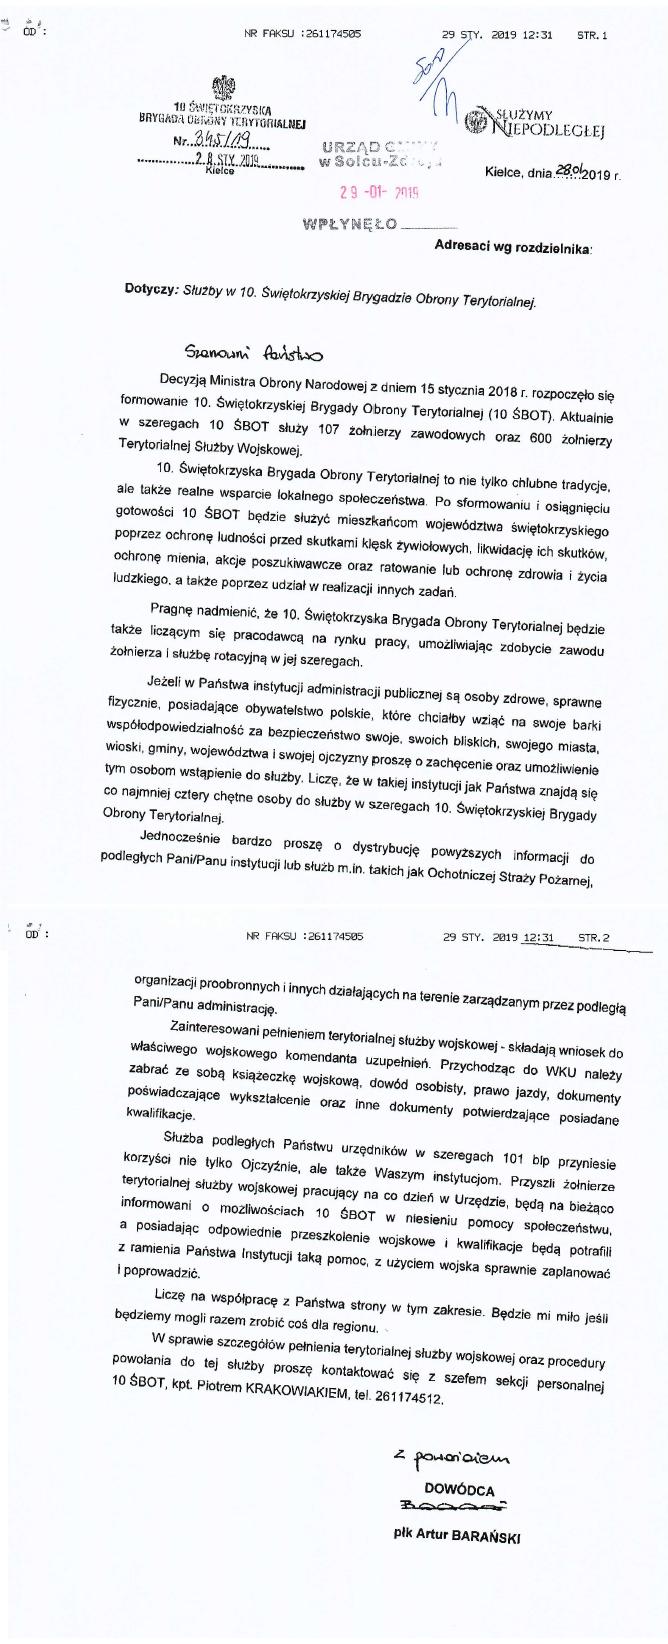 brygada_obrony_terytorialnej.png